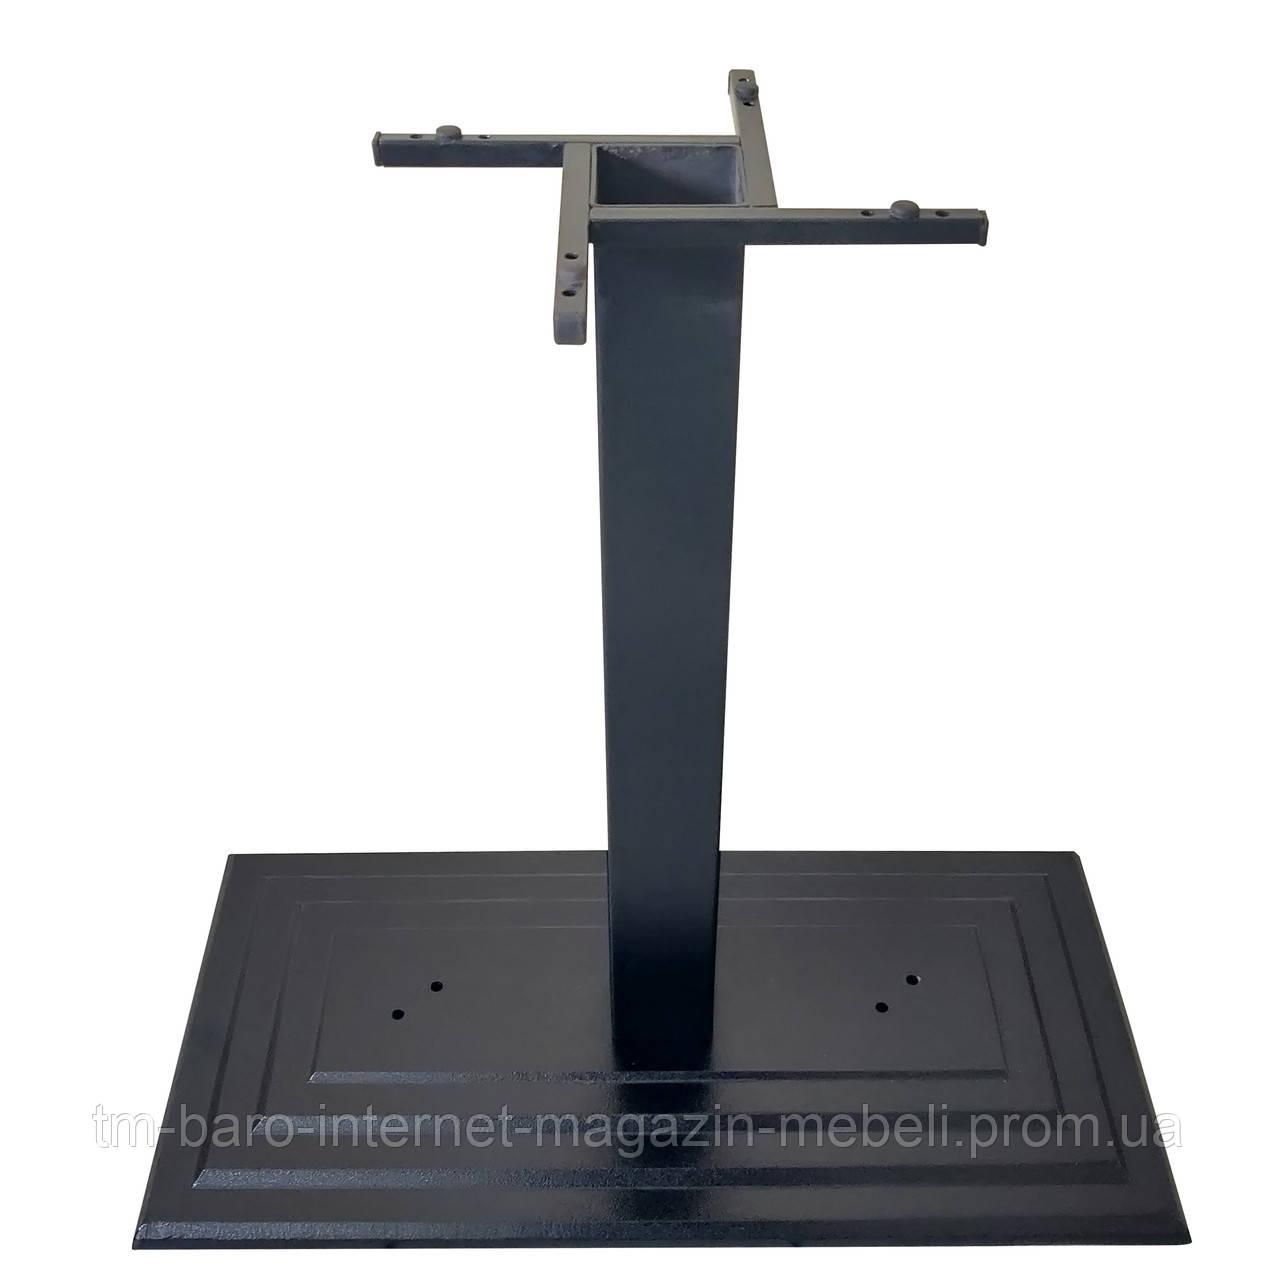 Опора для стола Ле Ман Биг 110 чугун черный, Аурит